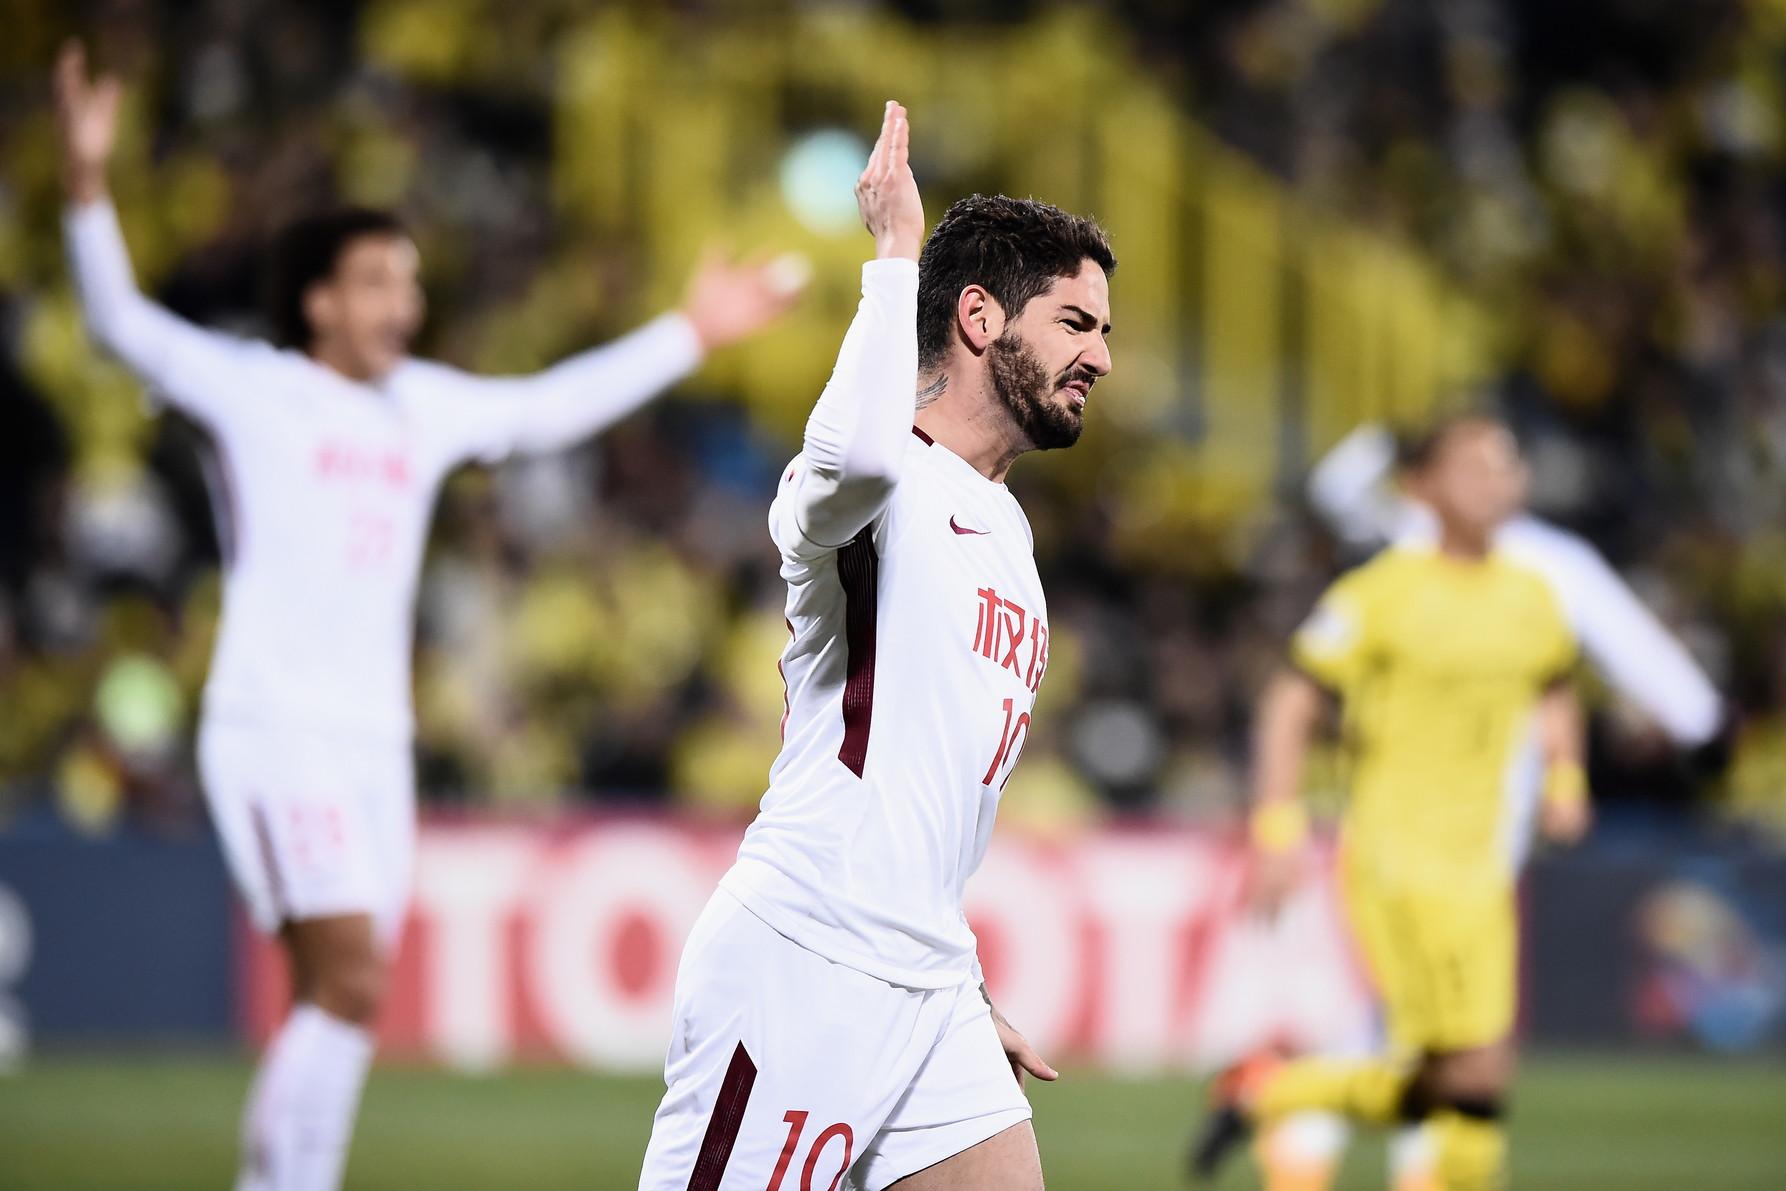 Arrivato nel 2017 dal Villarreal: 60 partite, 36 gol e 8 assist prima di tornare al San Paolo